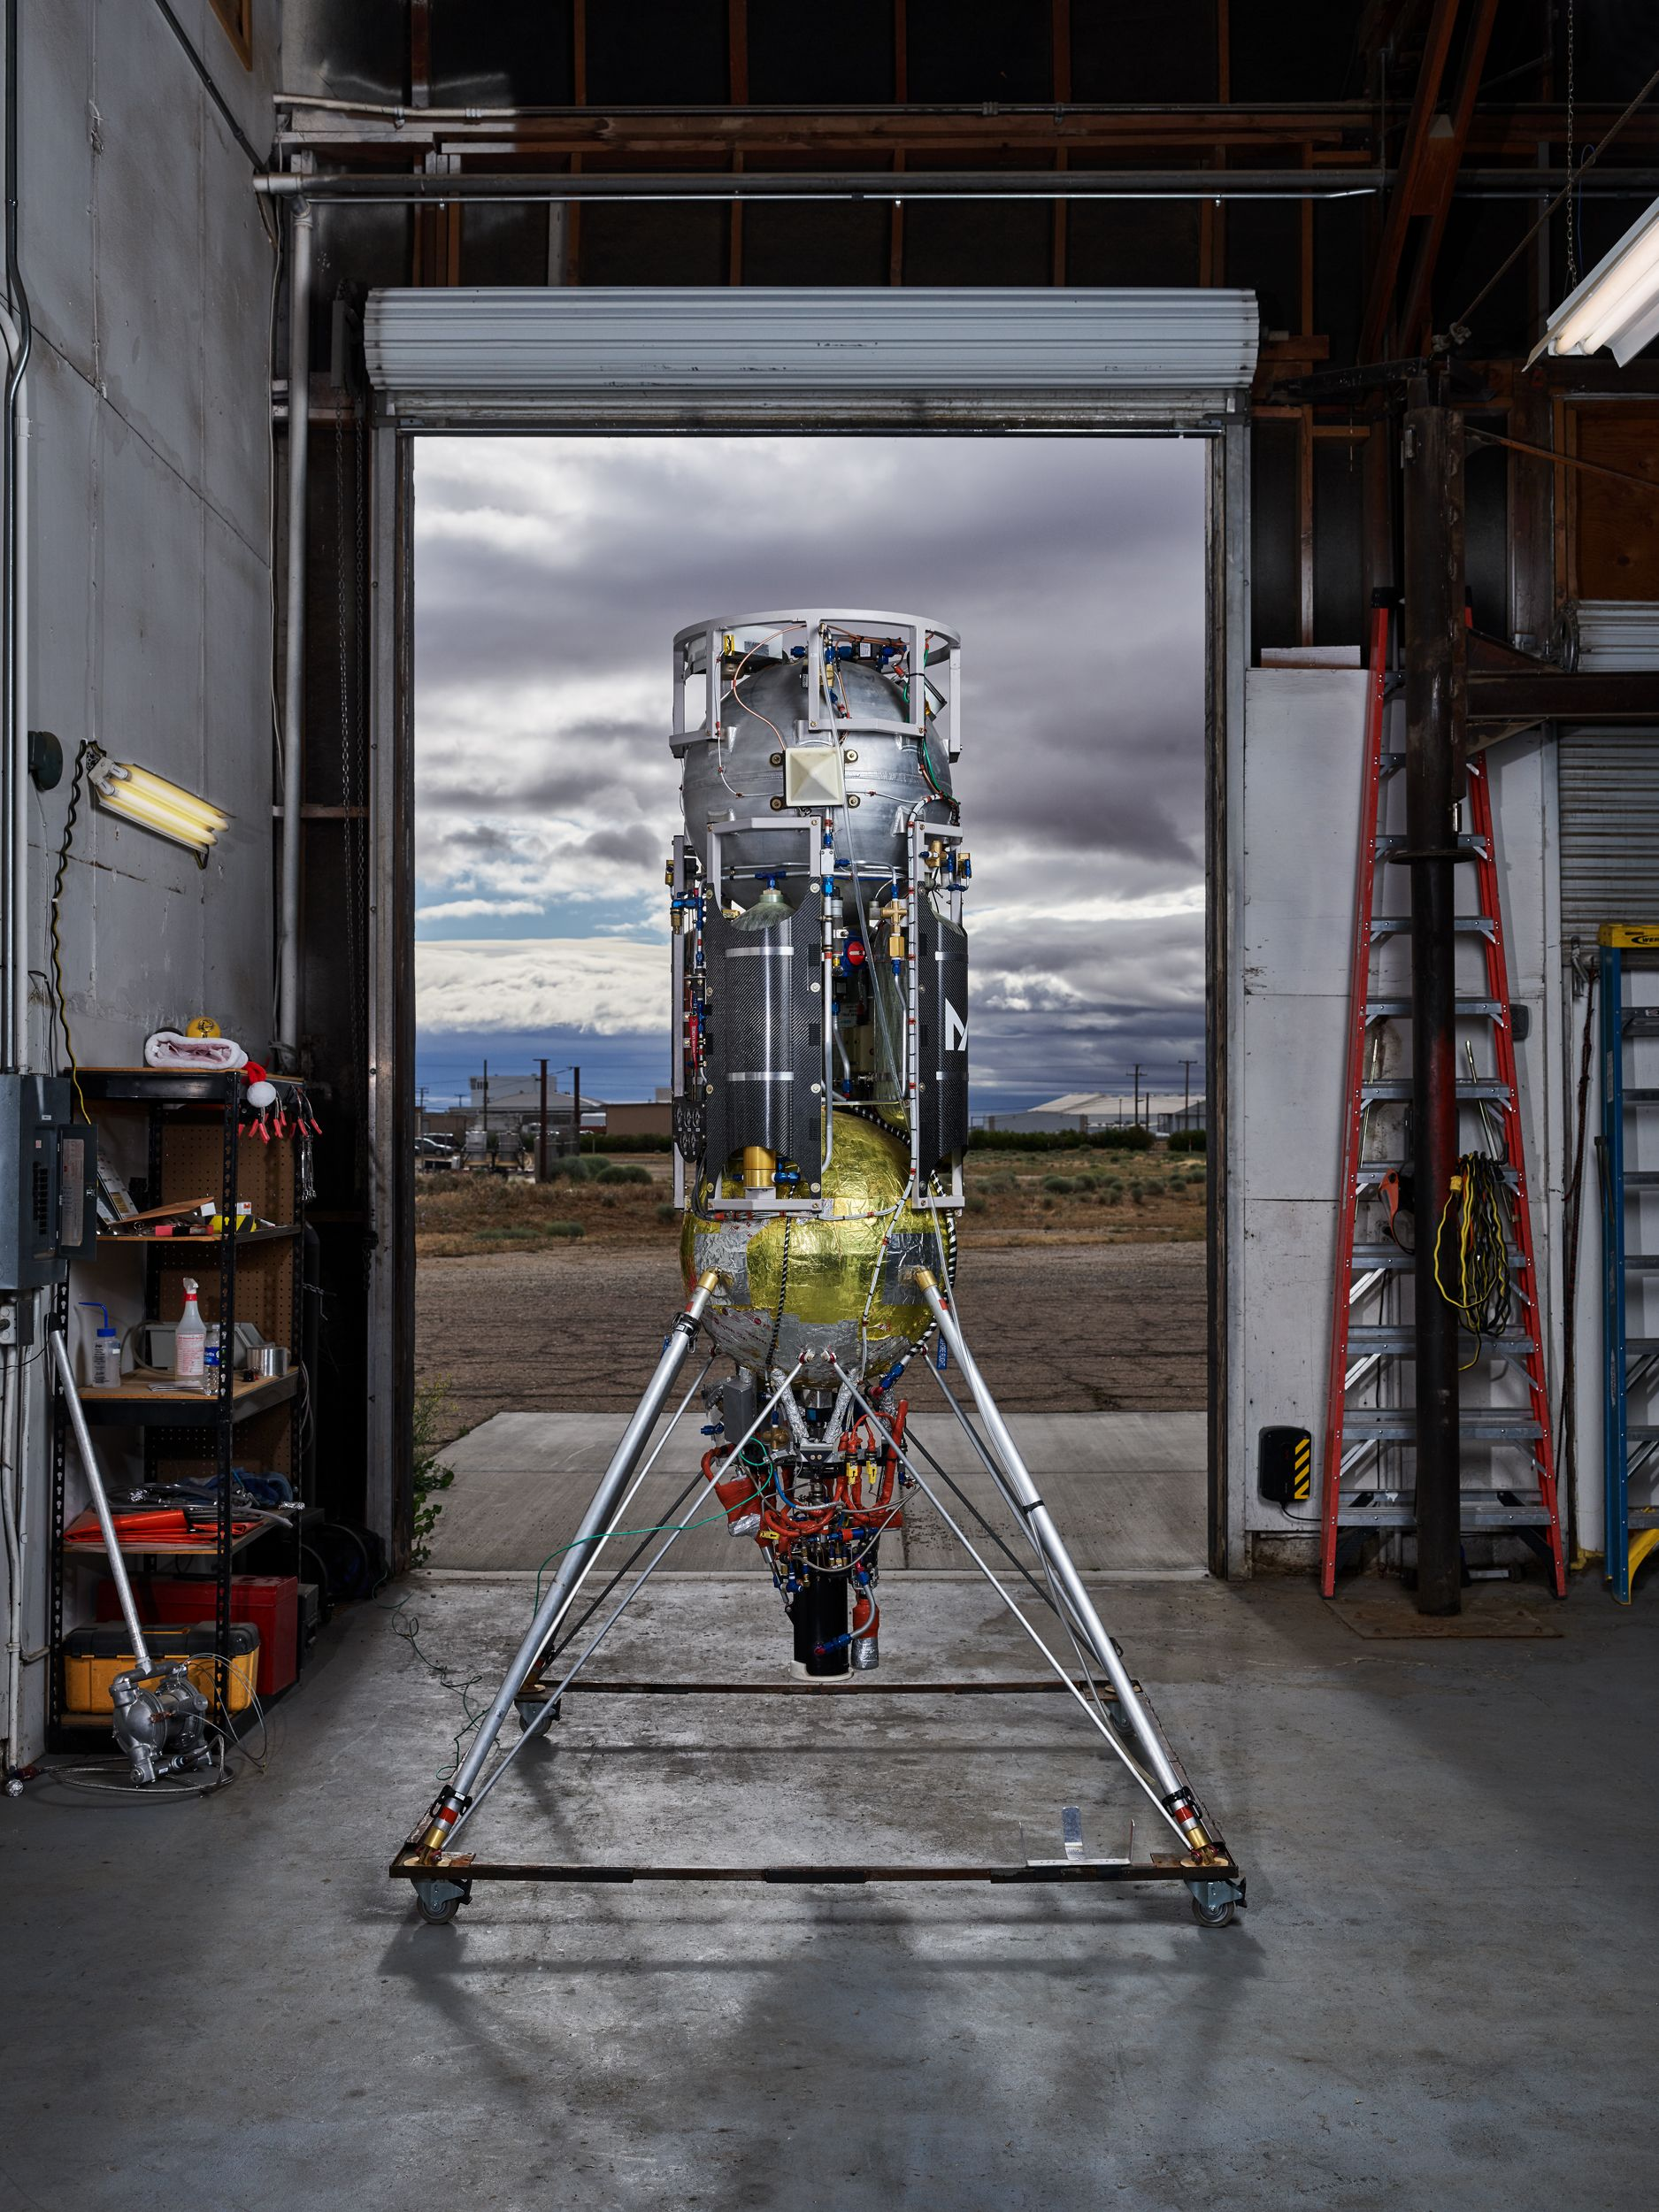 マステン・スペース 世界でもっとも小さな ロケット企業の物語